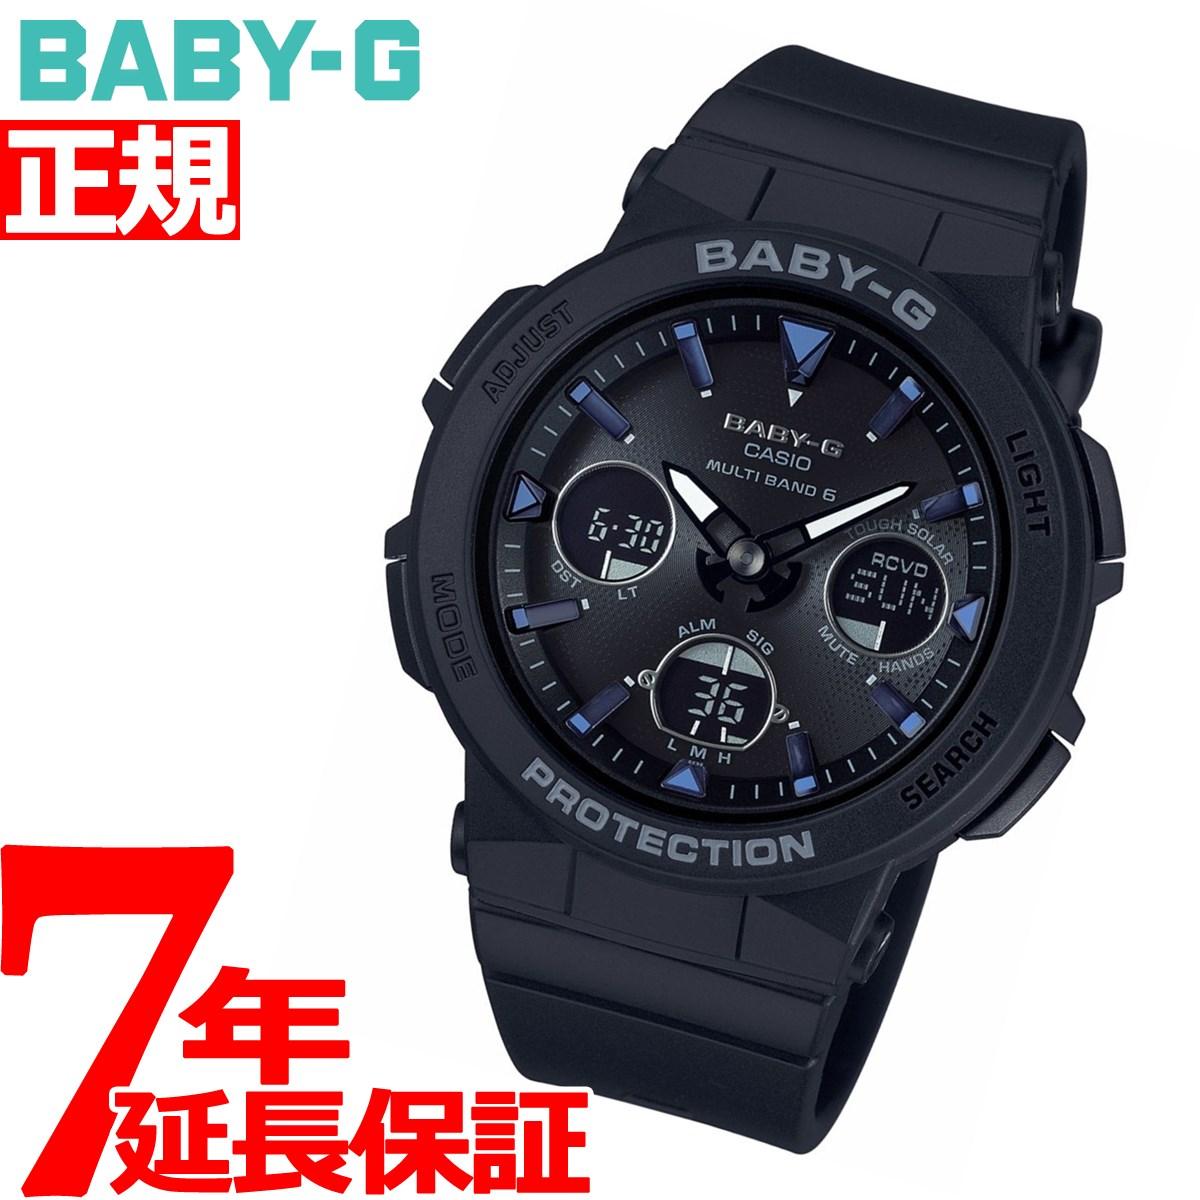 腕時計, レディース腕時計 BABY-G G Beach Traveler Series BGA-2500-1AJF2018